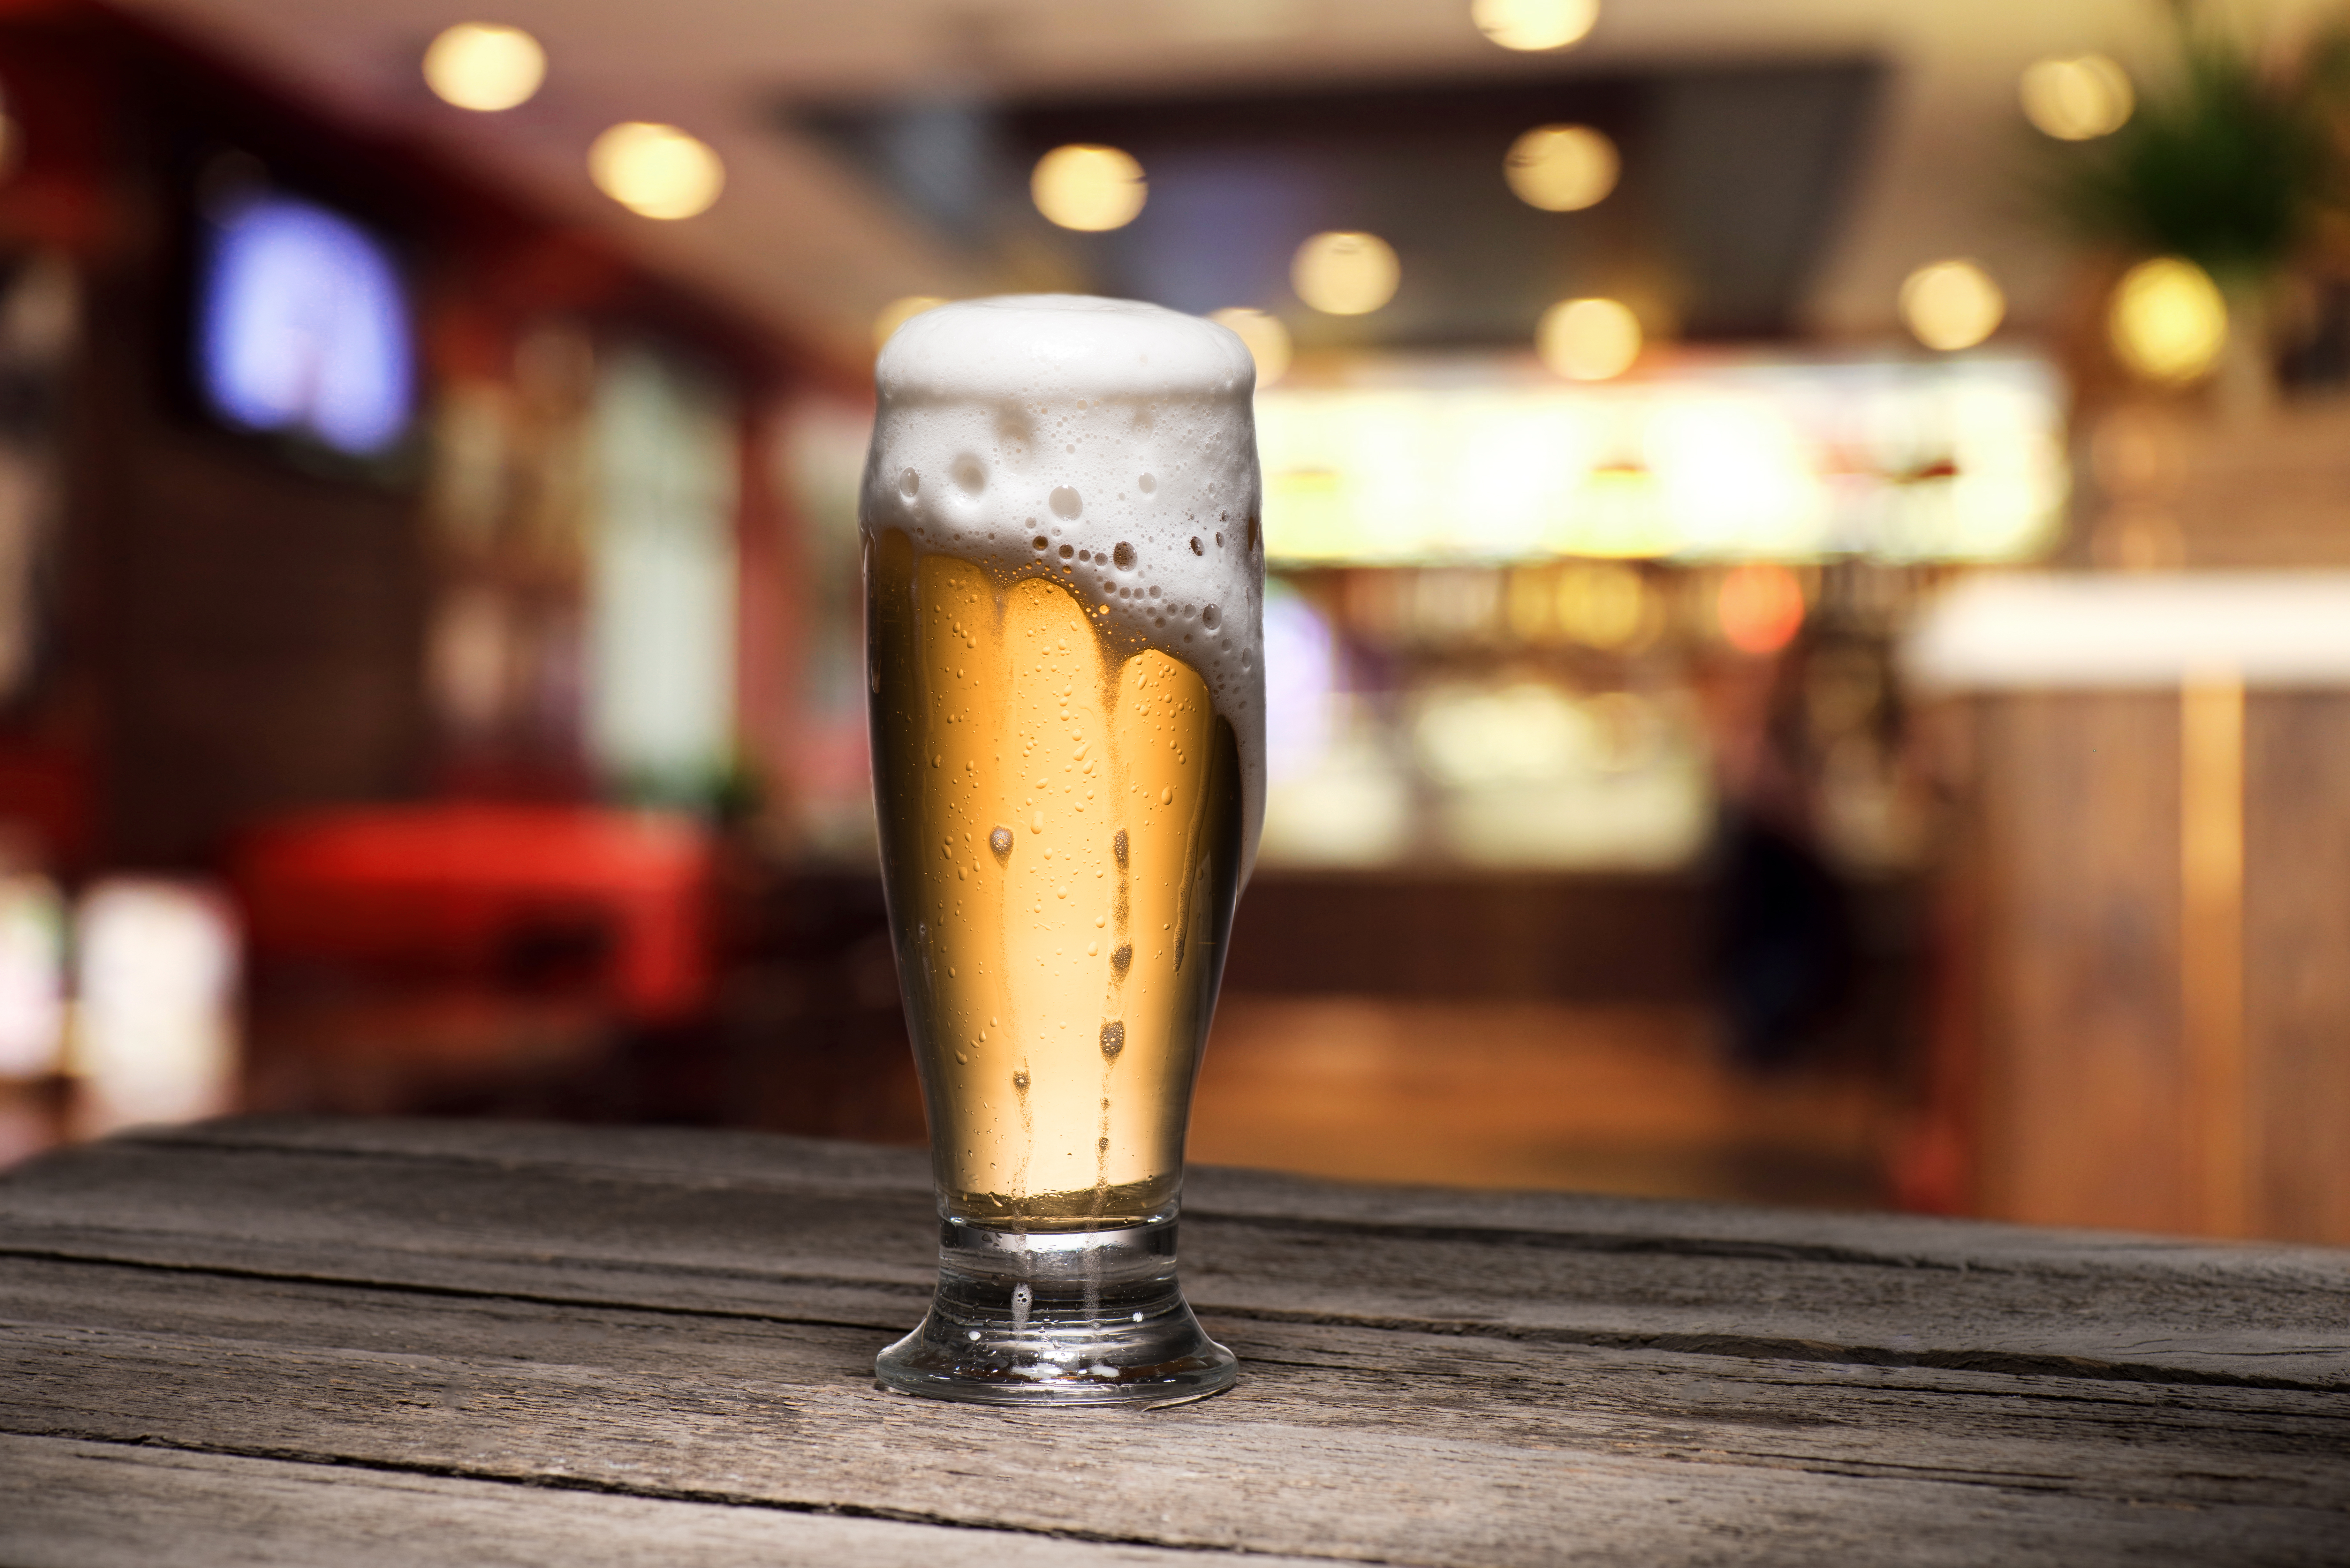 Las cervecerías de Praga - Alemania Circuito Berlín y Europa Imperial